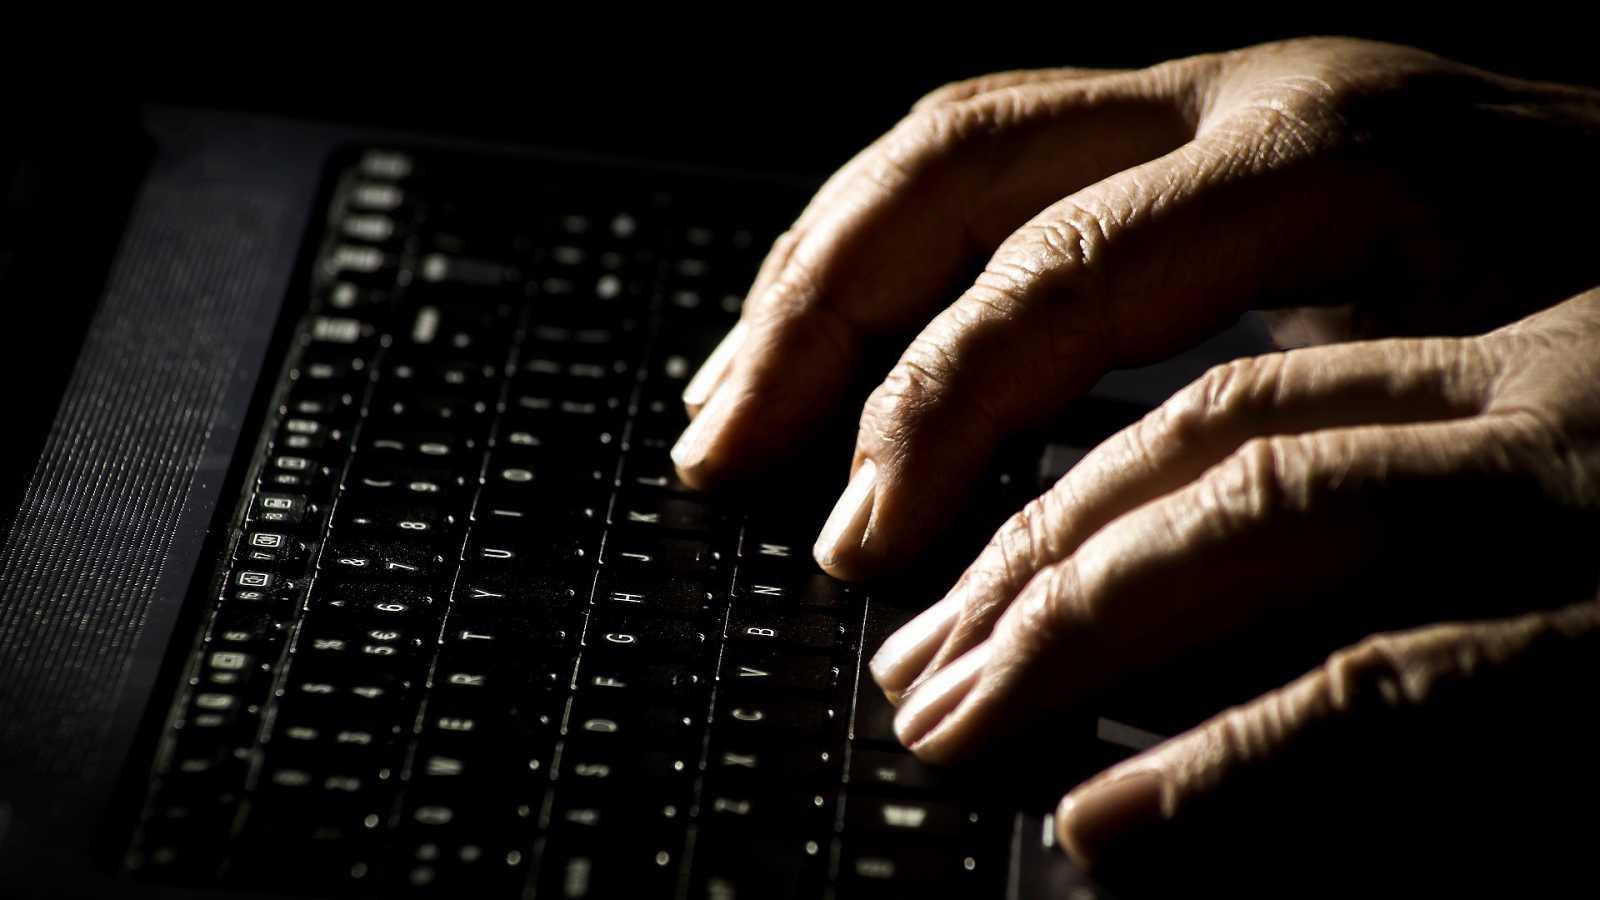 Una persona navega por internet en una fotografía de recurso